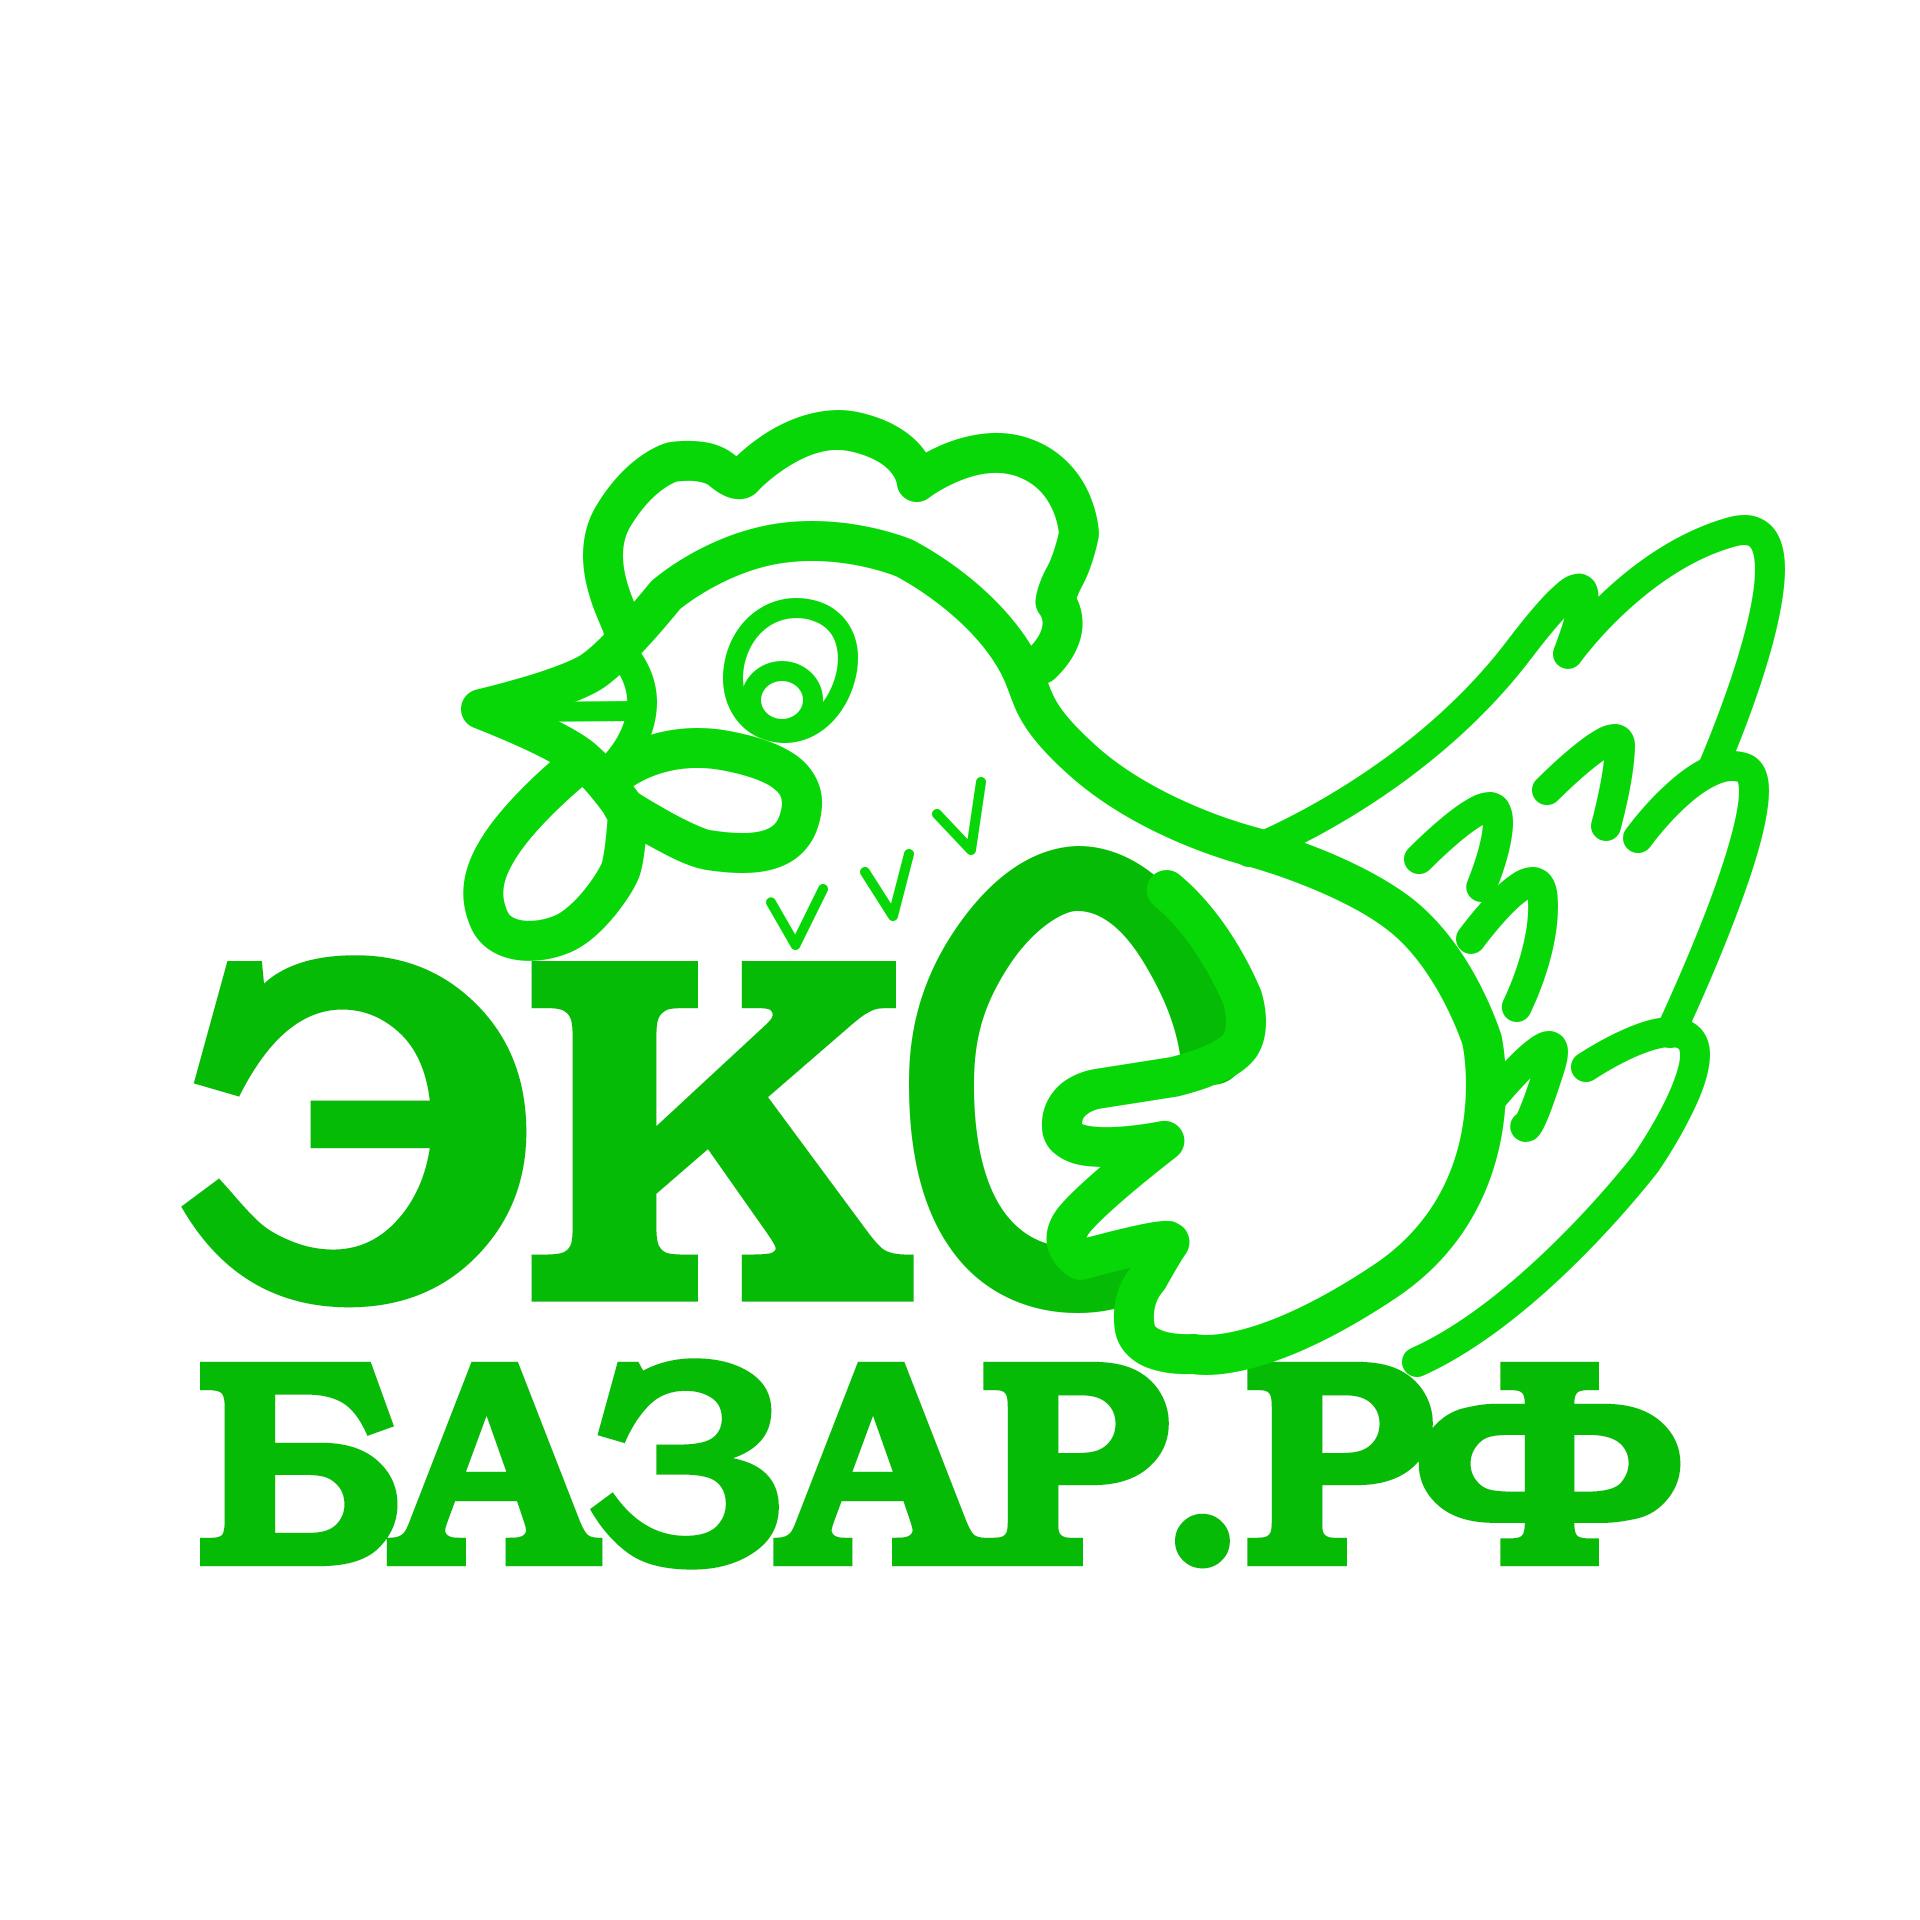 Логотип компании натуральных (фермерских) продуктов фото f_40059403e6211c8a.jpg